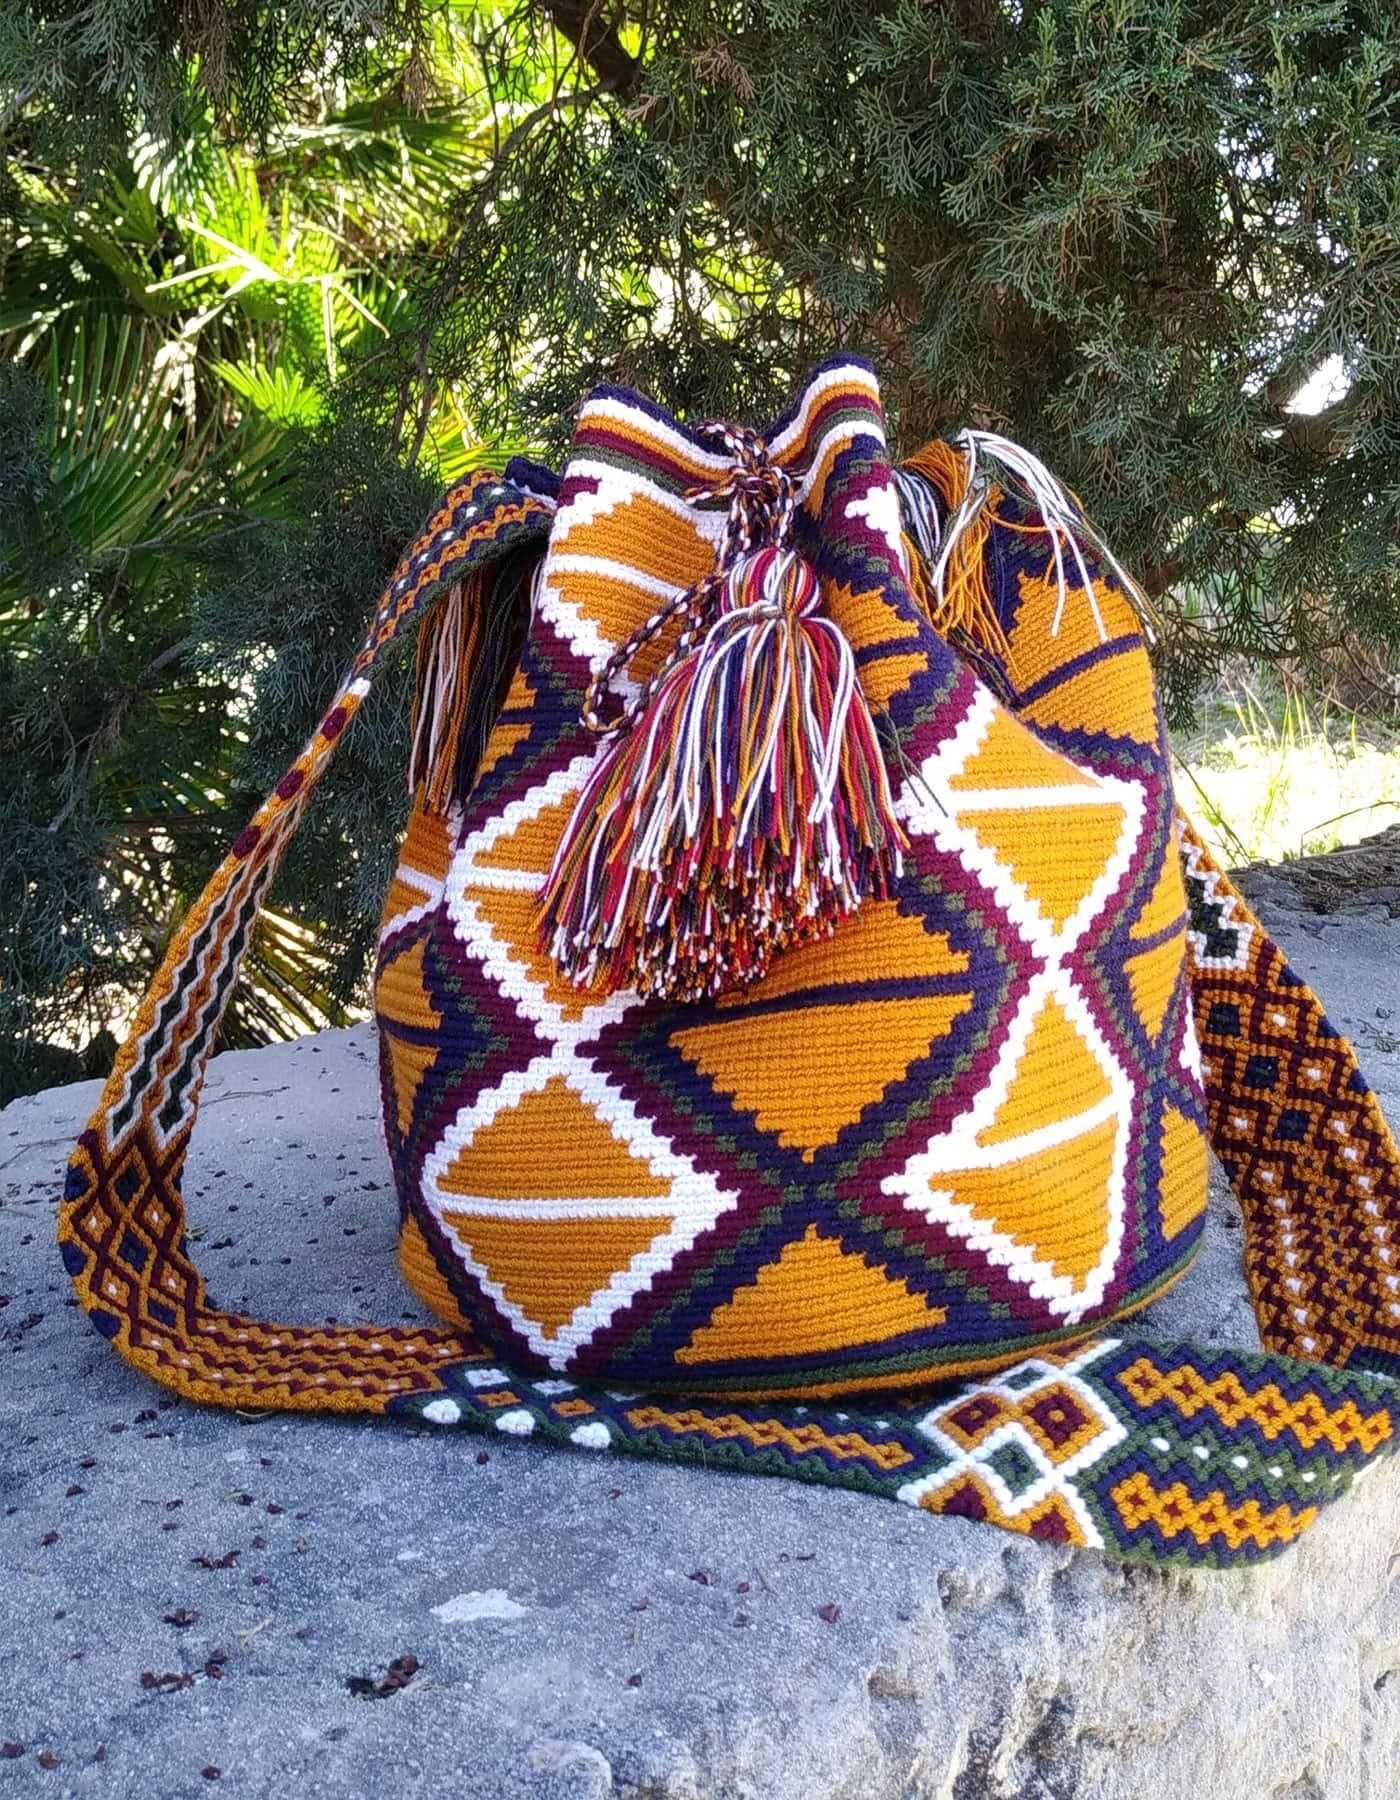 Bolso Wayuu Artesanal, Auténtico y Original (sólo 1 igual) con motivos tribales en marrón anaranjado, azul, verde, morado y blanco B